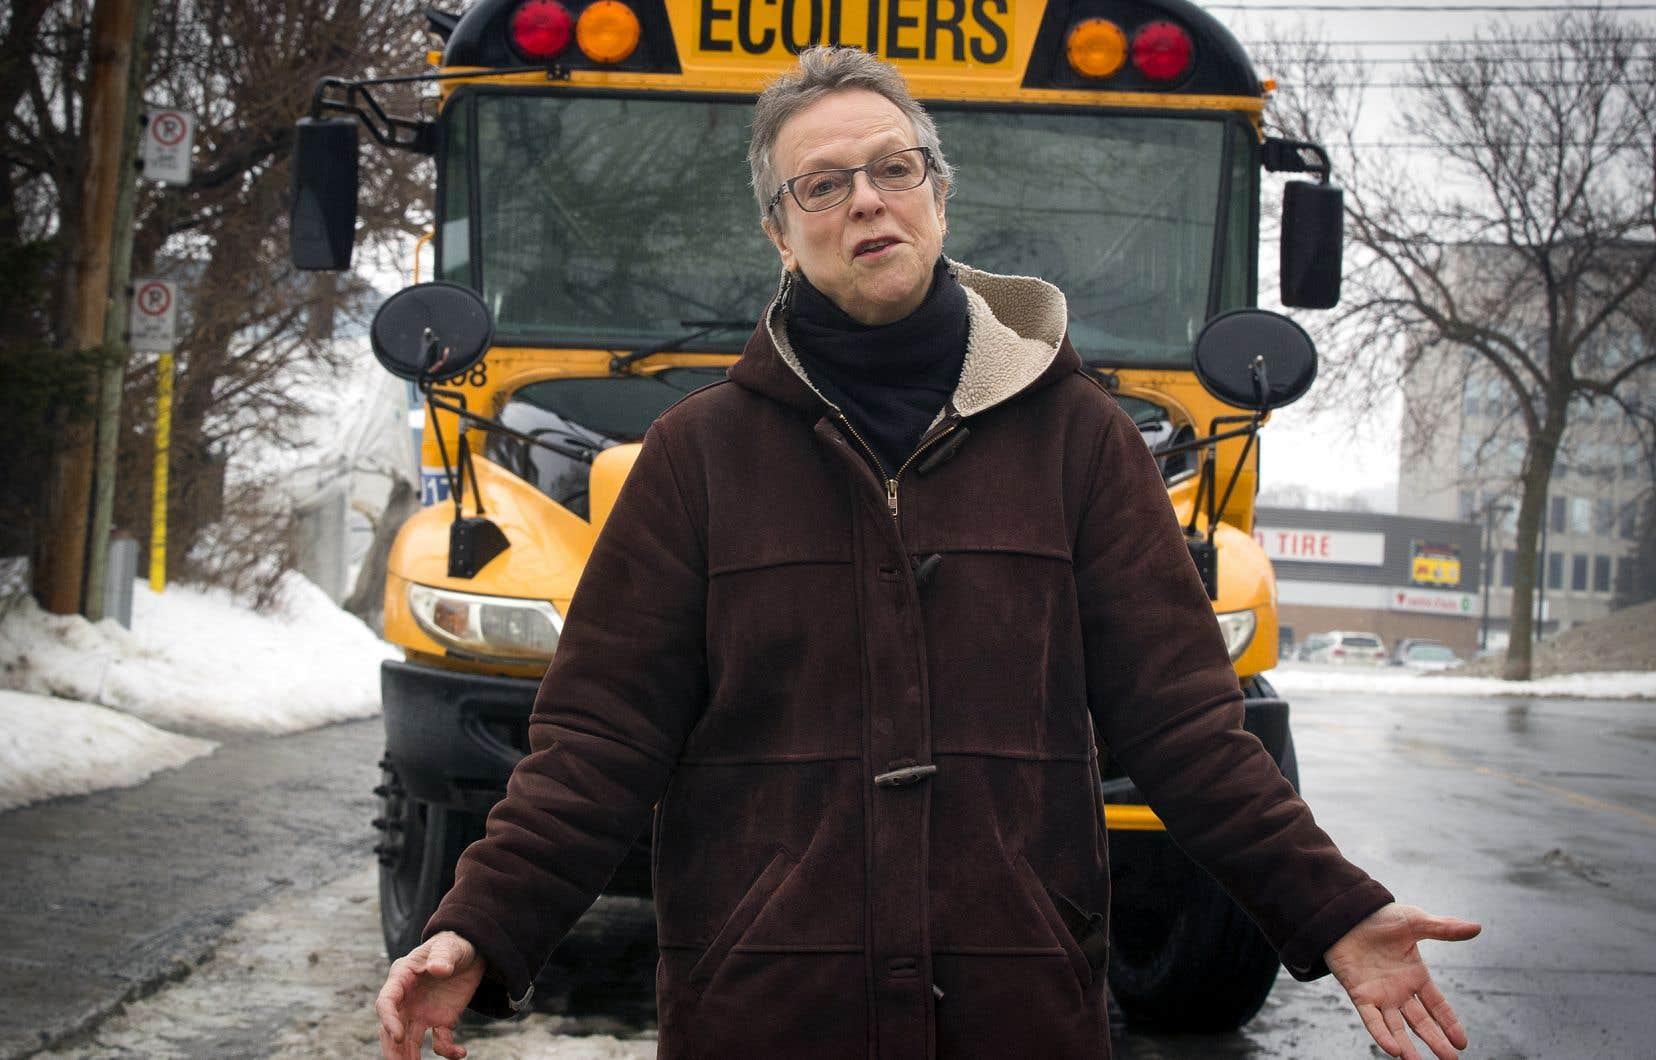 Chrystelle Charpin accuse la direction de son école d'avoir modifié les notes qu'elle avait attribuées à ses élèves.